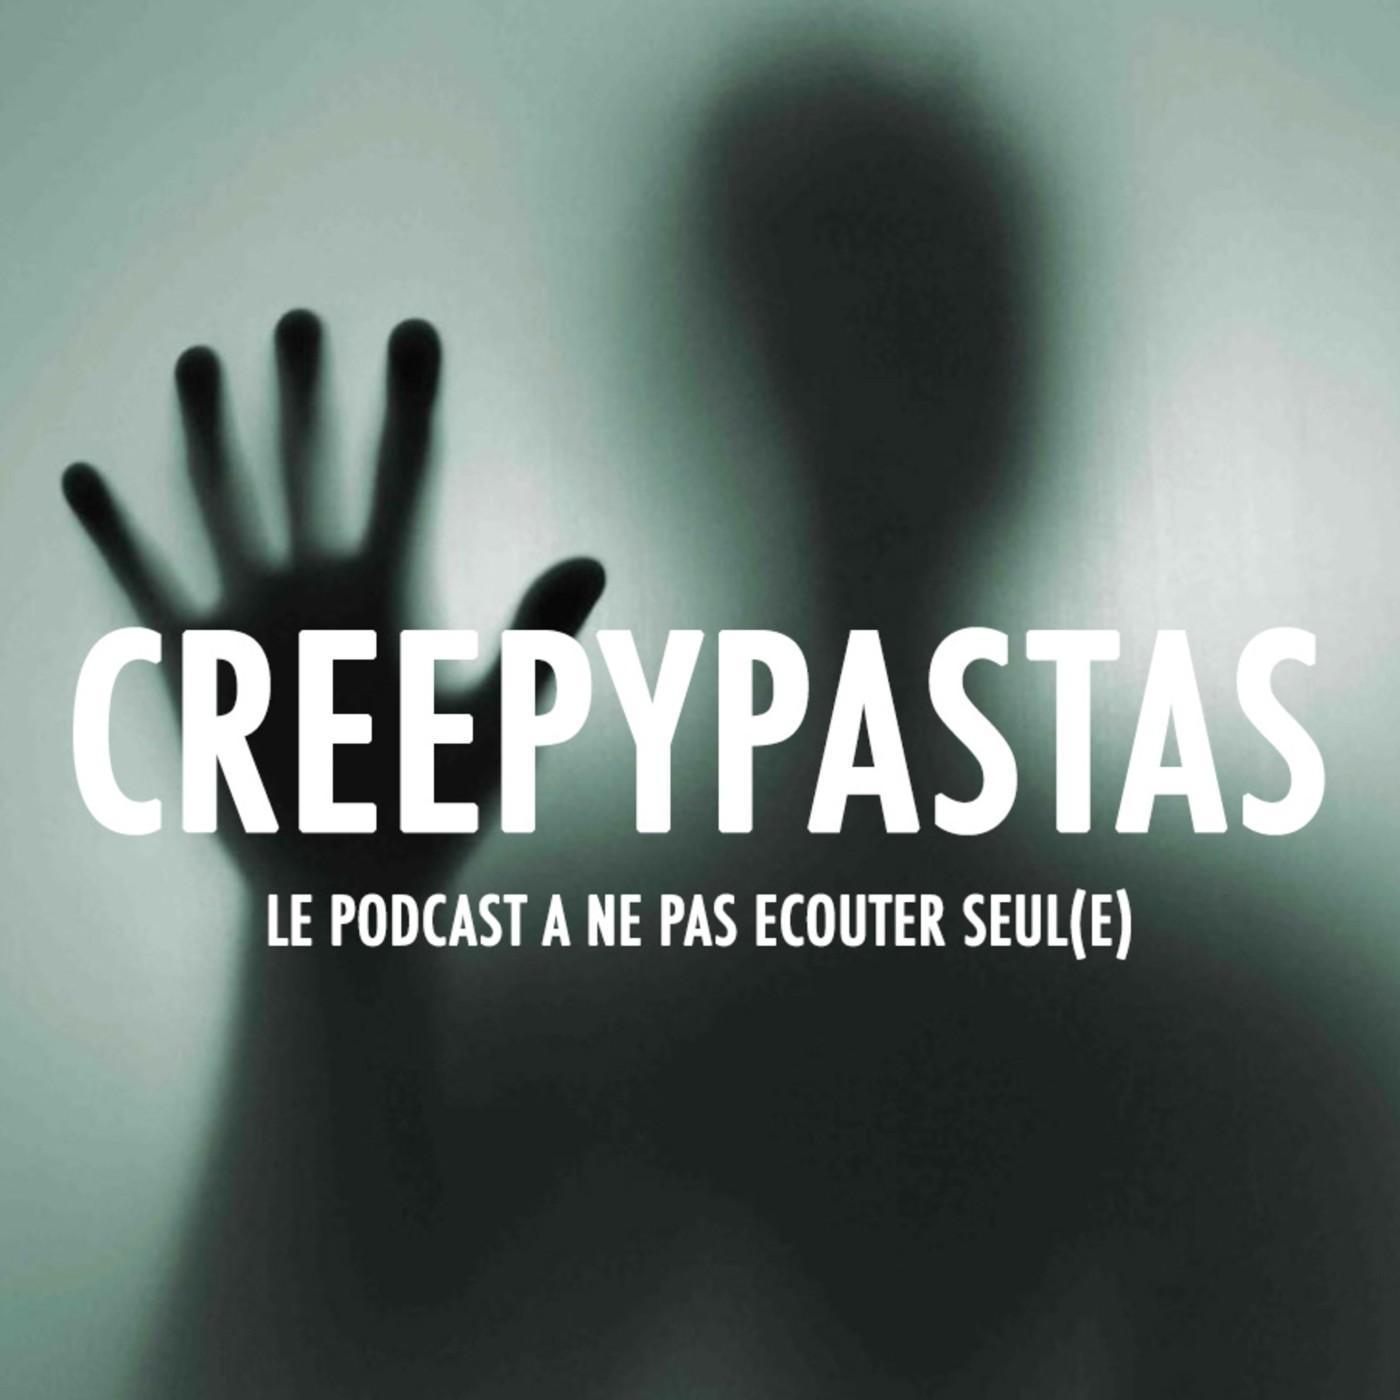 CREEPYPASTA EP.004 - Les escaliers du diable - Podcast horreur & paranormal